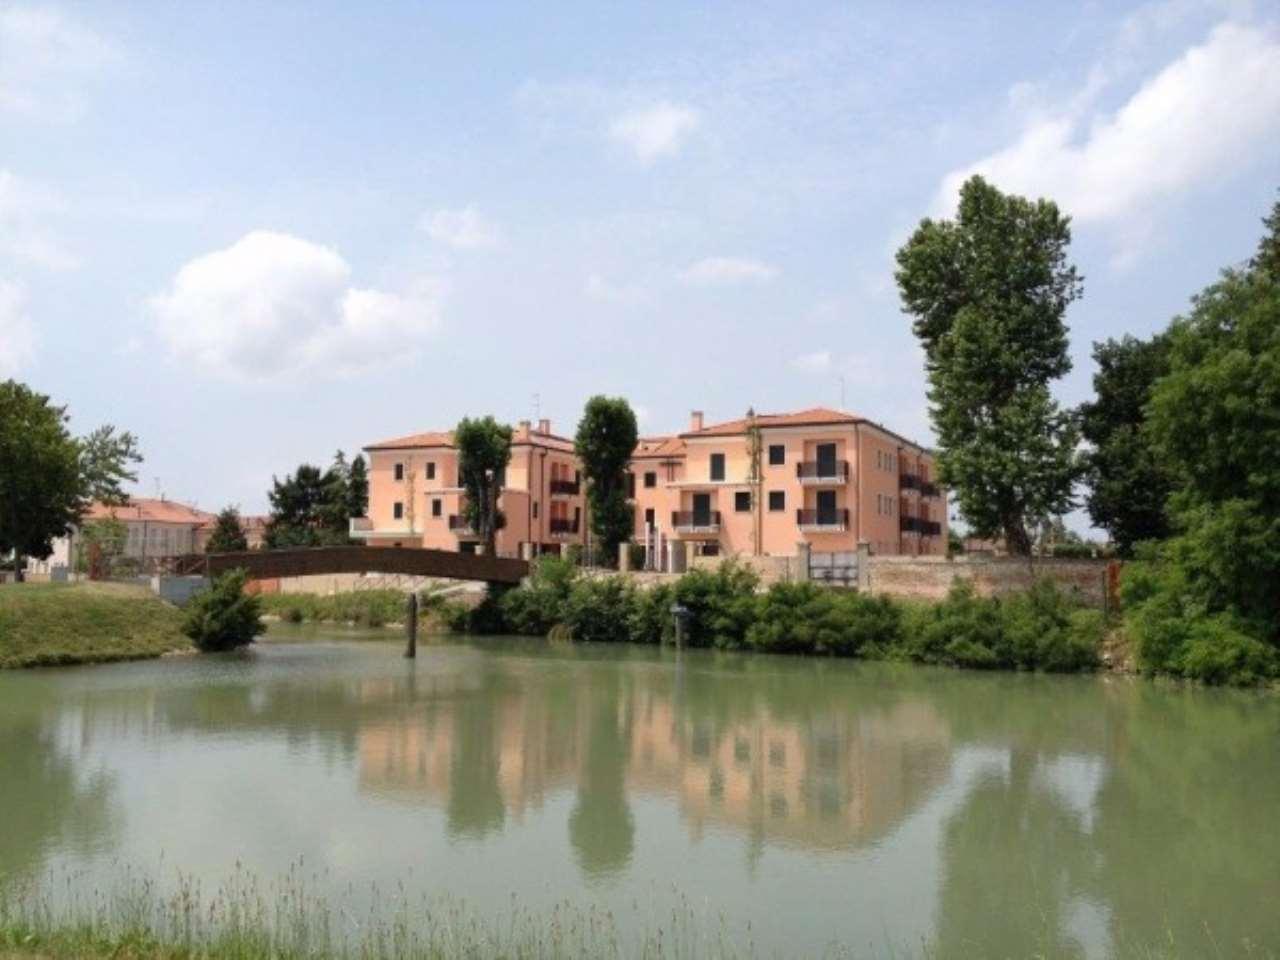 Attico / Mansarda in vendita a Dolo, 4 locali, Trattative riservate | CambioCasa.it